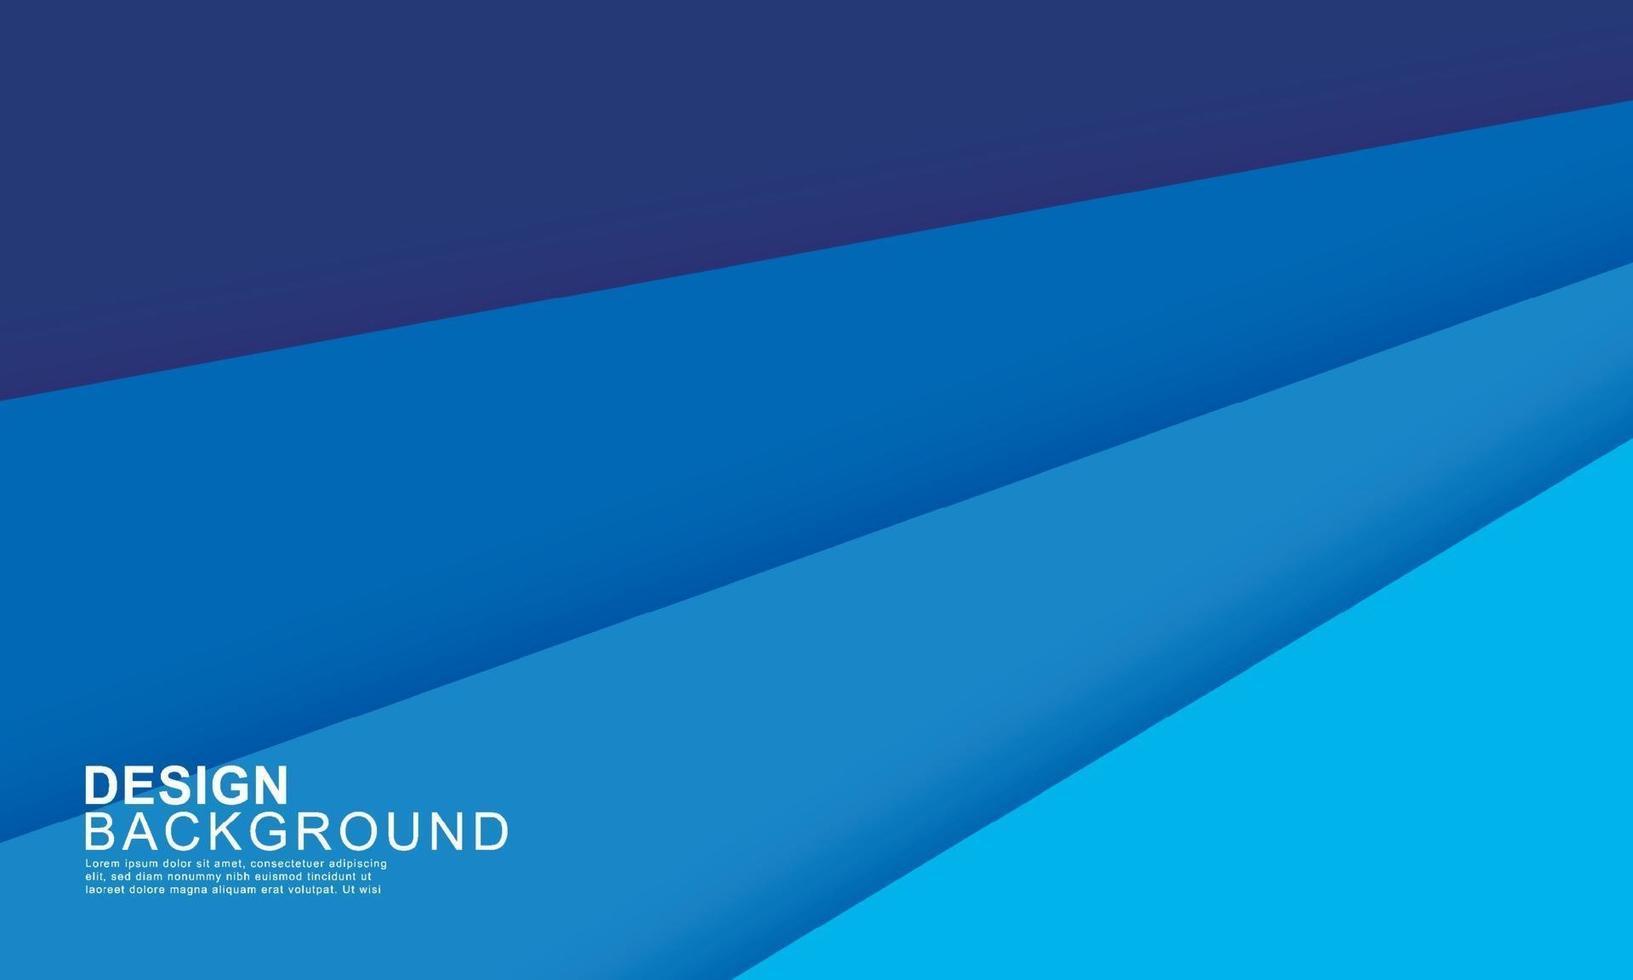 Papierschicht blau abstrakten Hintergrund. Verwendung für Banner, Cover, Poster, Tapete, Design mit Platz für Text. vektor